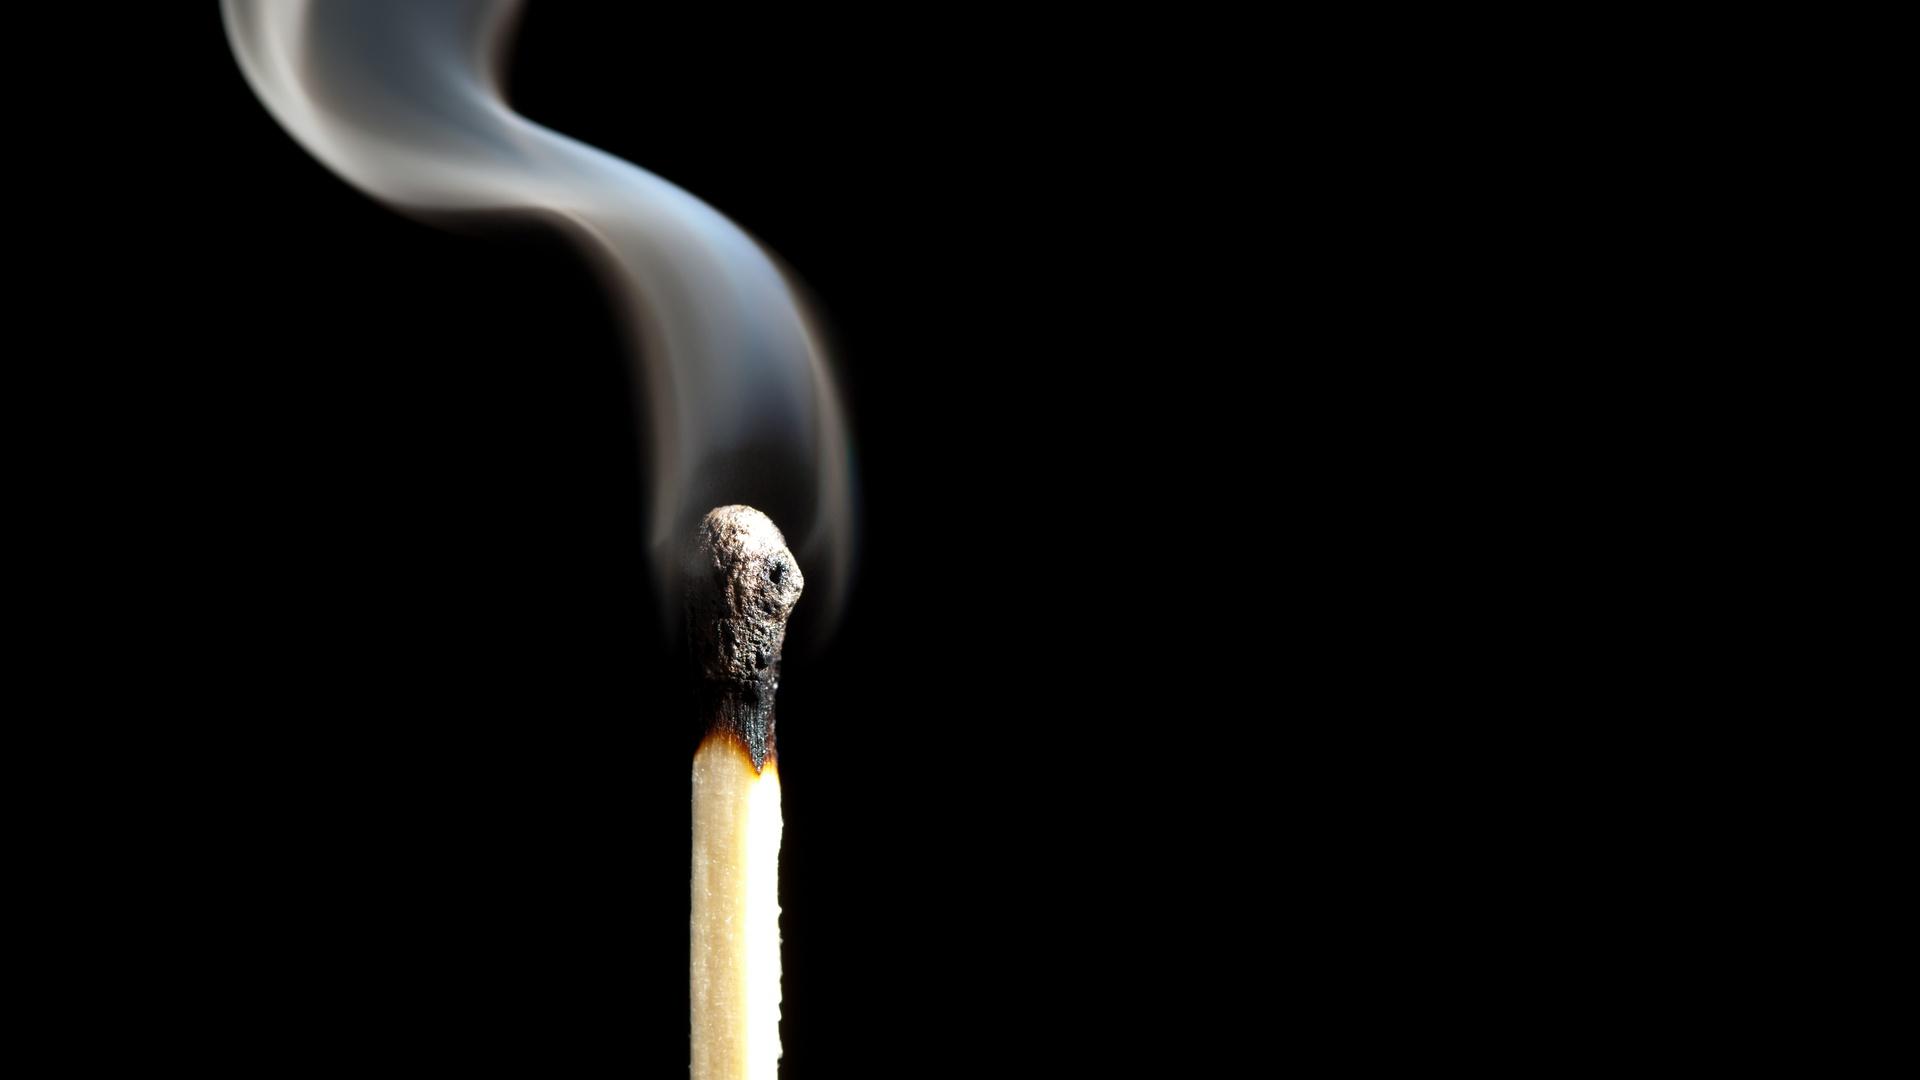 壁紙 マッチ クローズアップ 黒色背景 煙 ダウンロード 写真